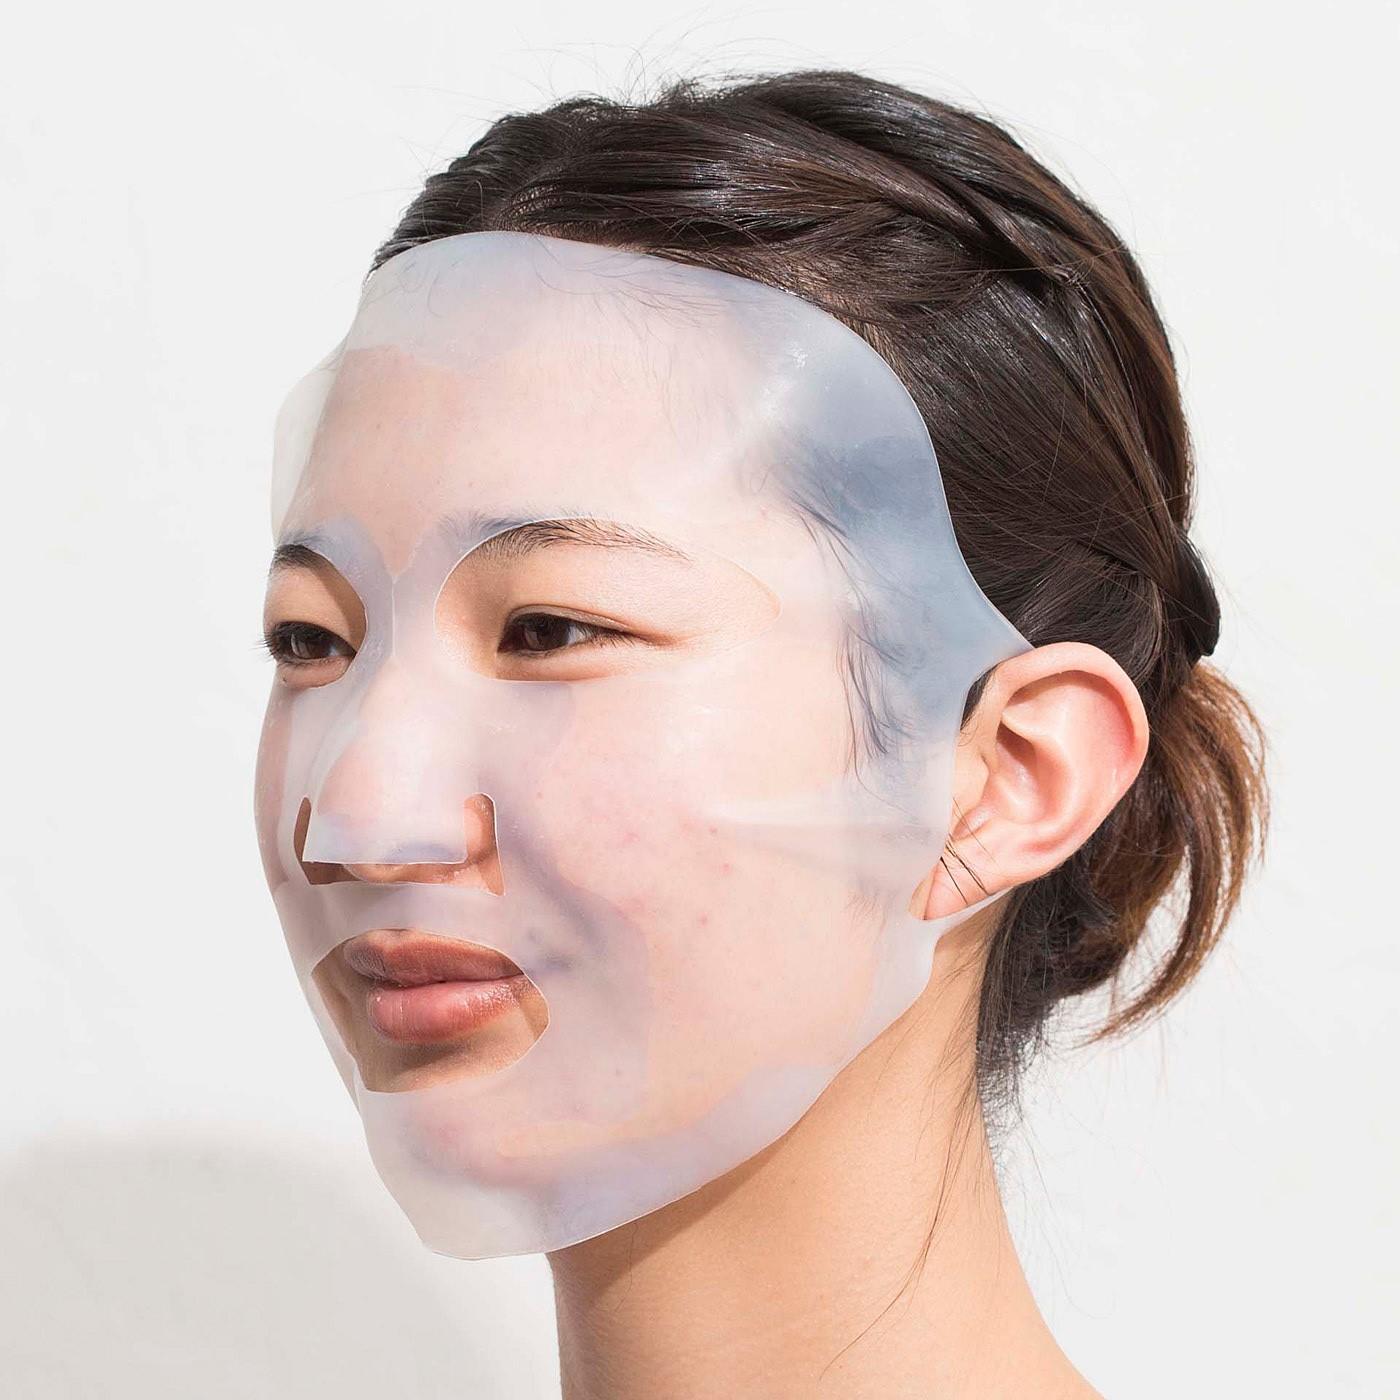 半身浴でサウナパック。ラップ効果で発汗を促す美顔ケア。